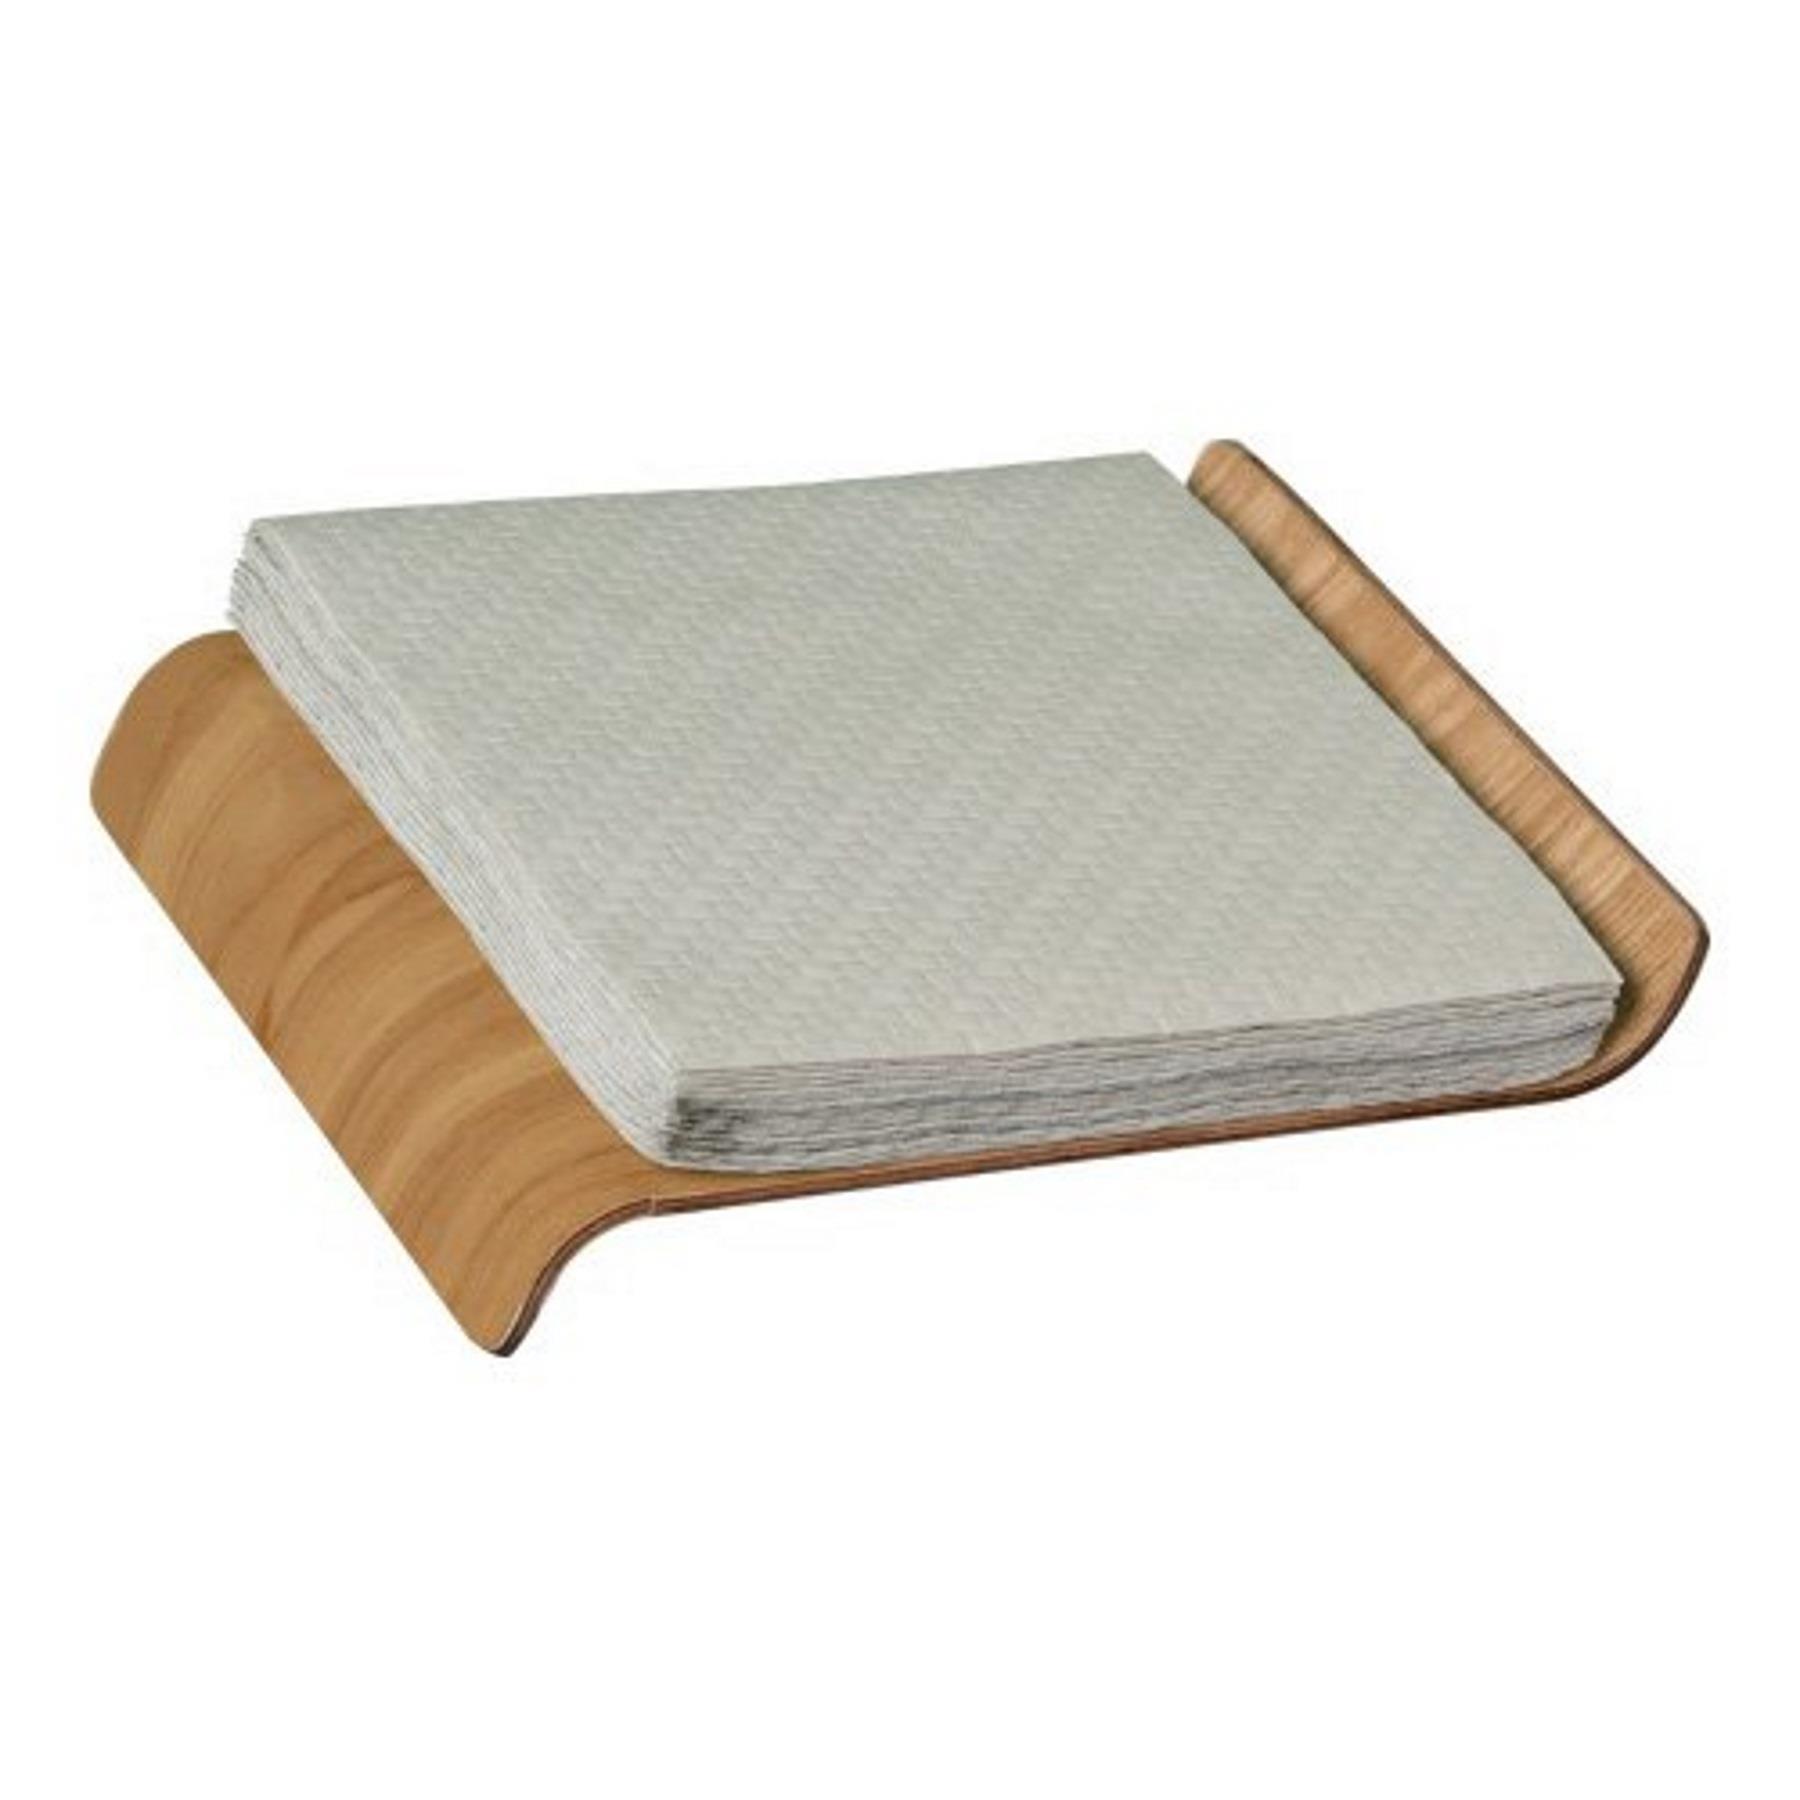 Ihr Wooden Napkin Holder Willow Caddy Lunch Serviette Table Decor Storage Gift 686423566332 Ebay